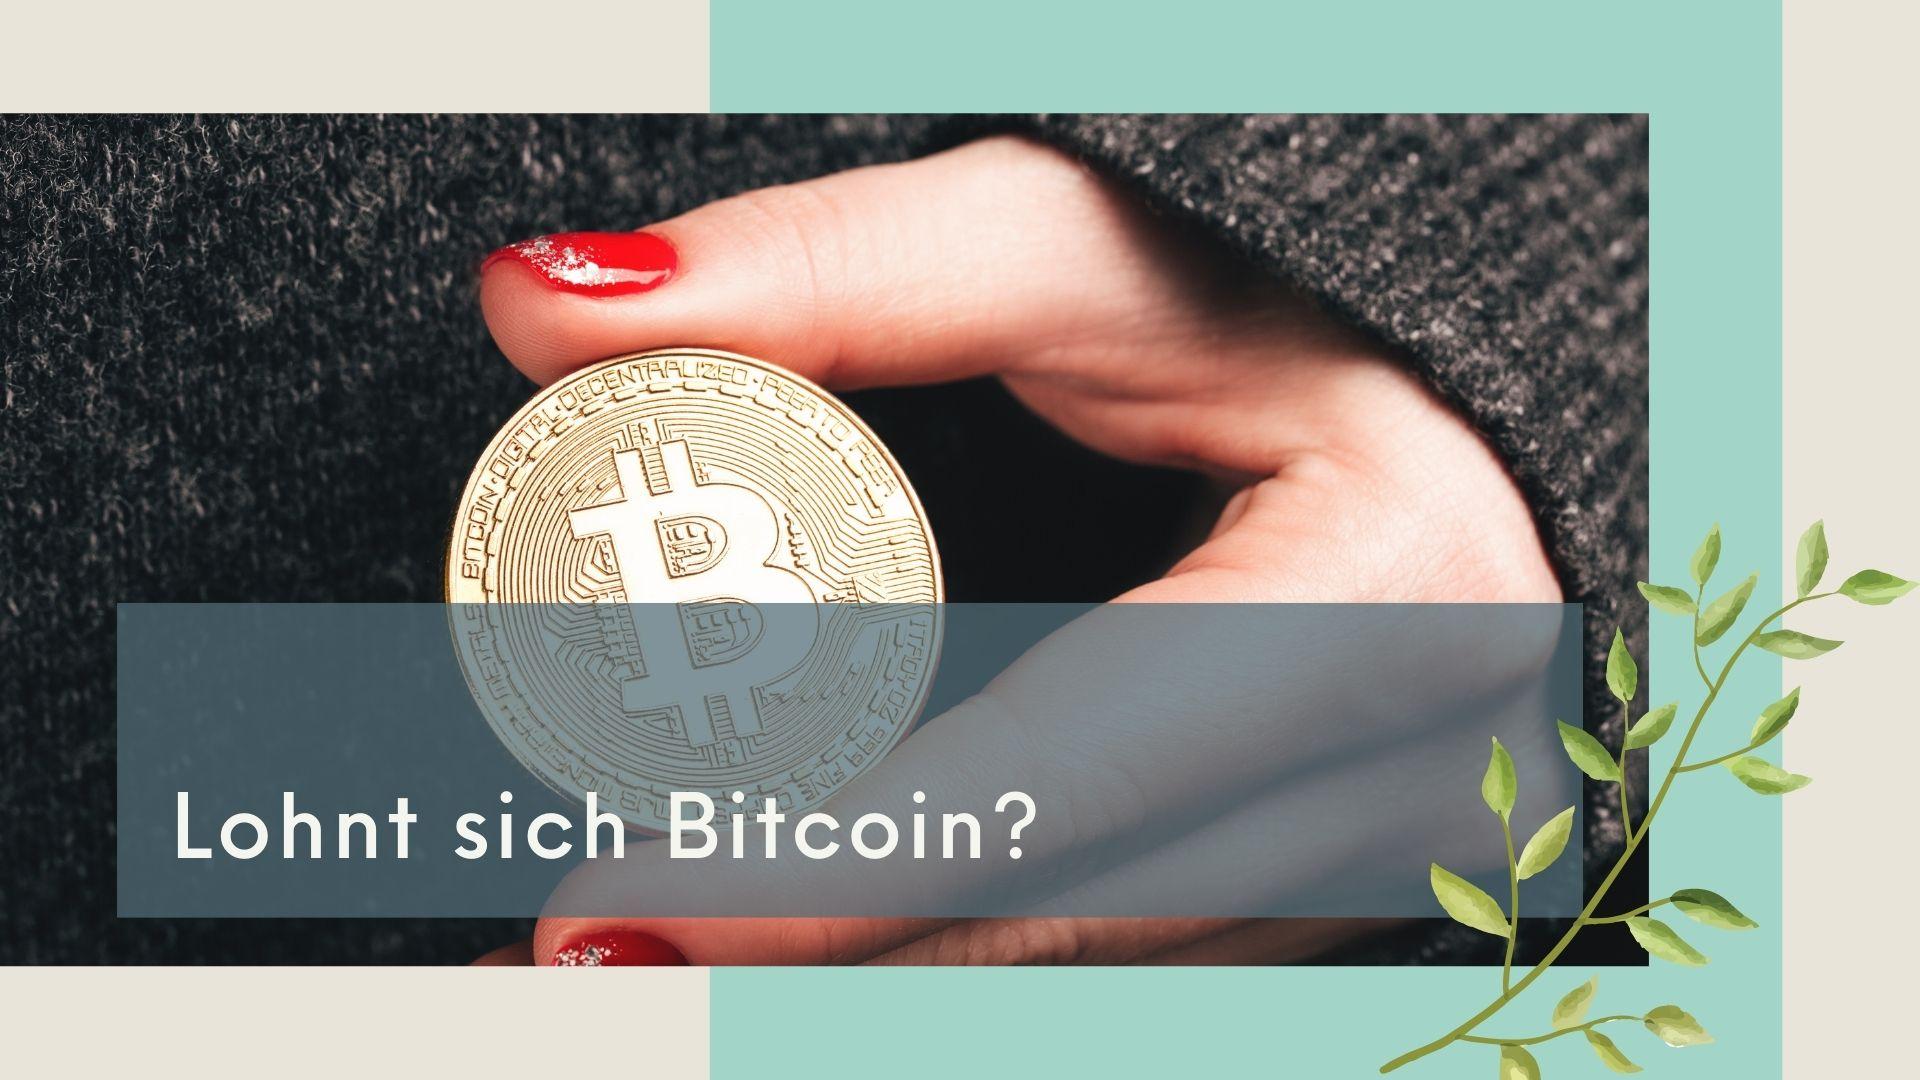 Lohnt sich Bitcoin?